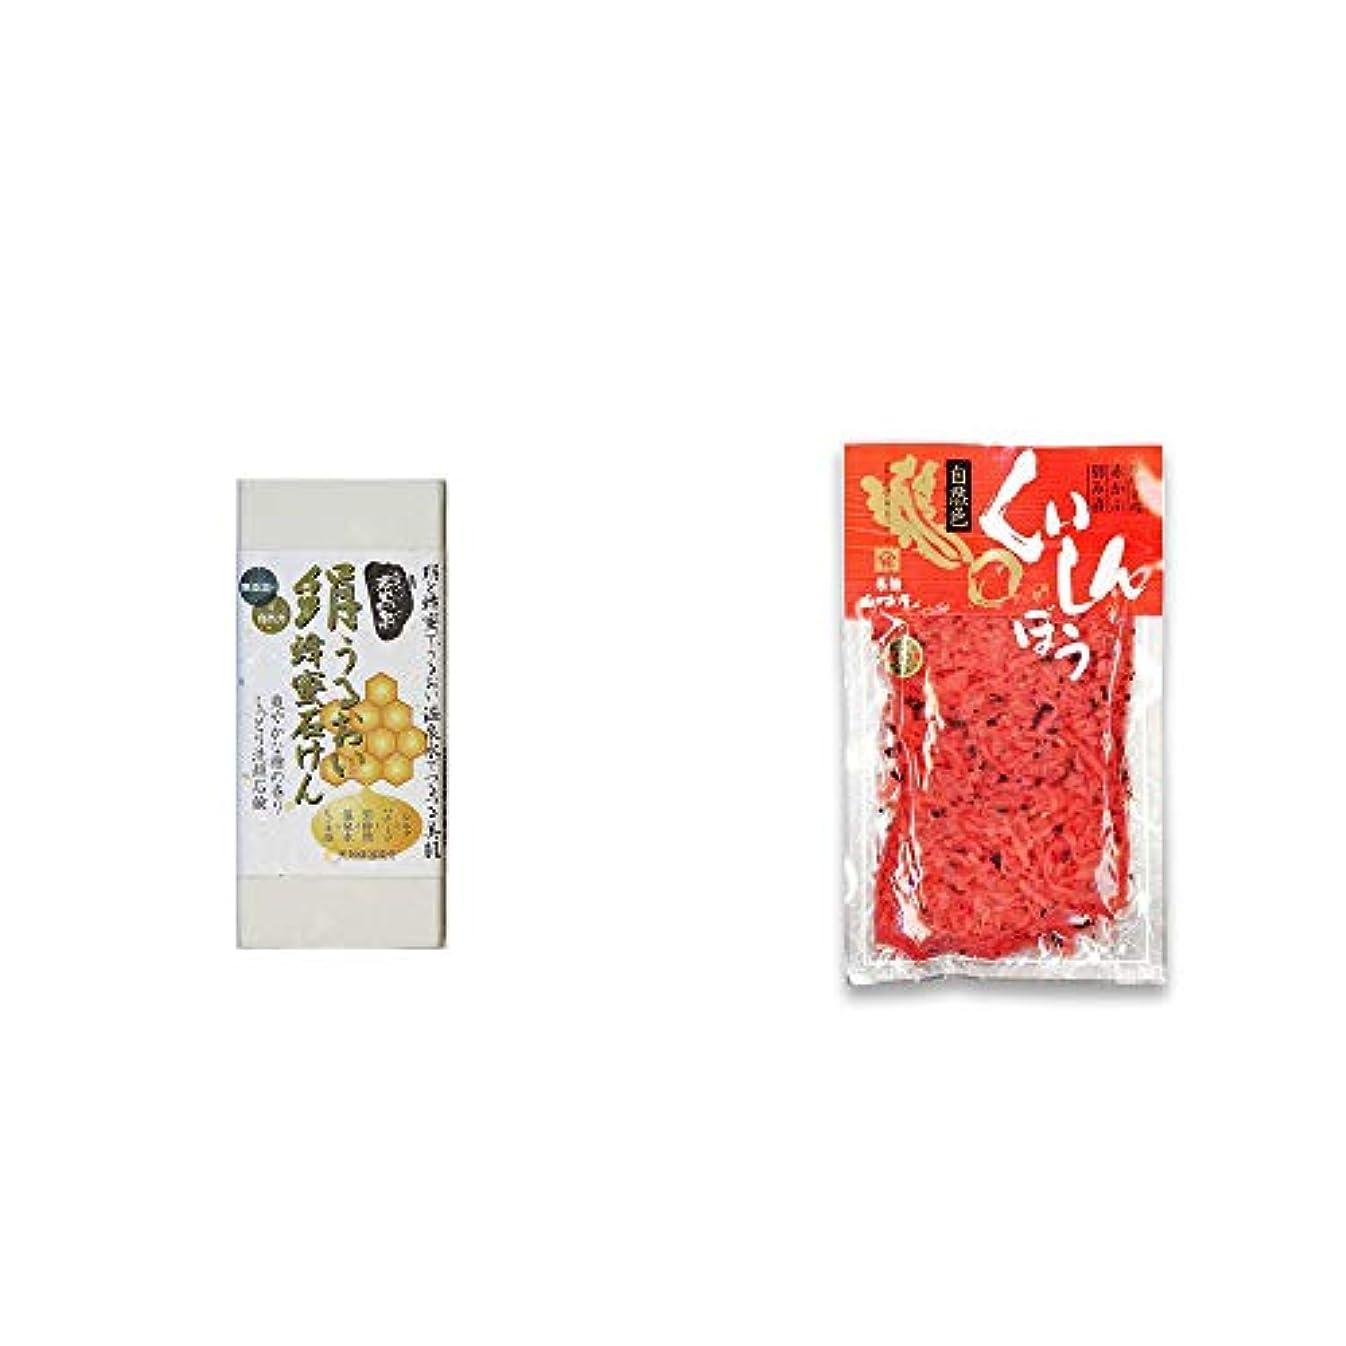 混乱した初心者関税[2点セット] ひのき炭黒泉 絹うるおい蜂蜜石けん(75g×2)?飛騨山味屋 くいしんぼう【大】(260g) [赤かぶ刻み漬け]